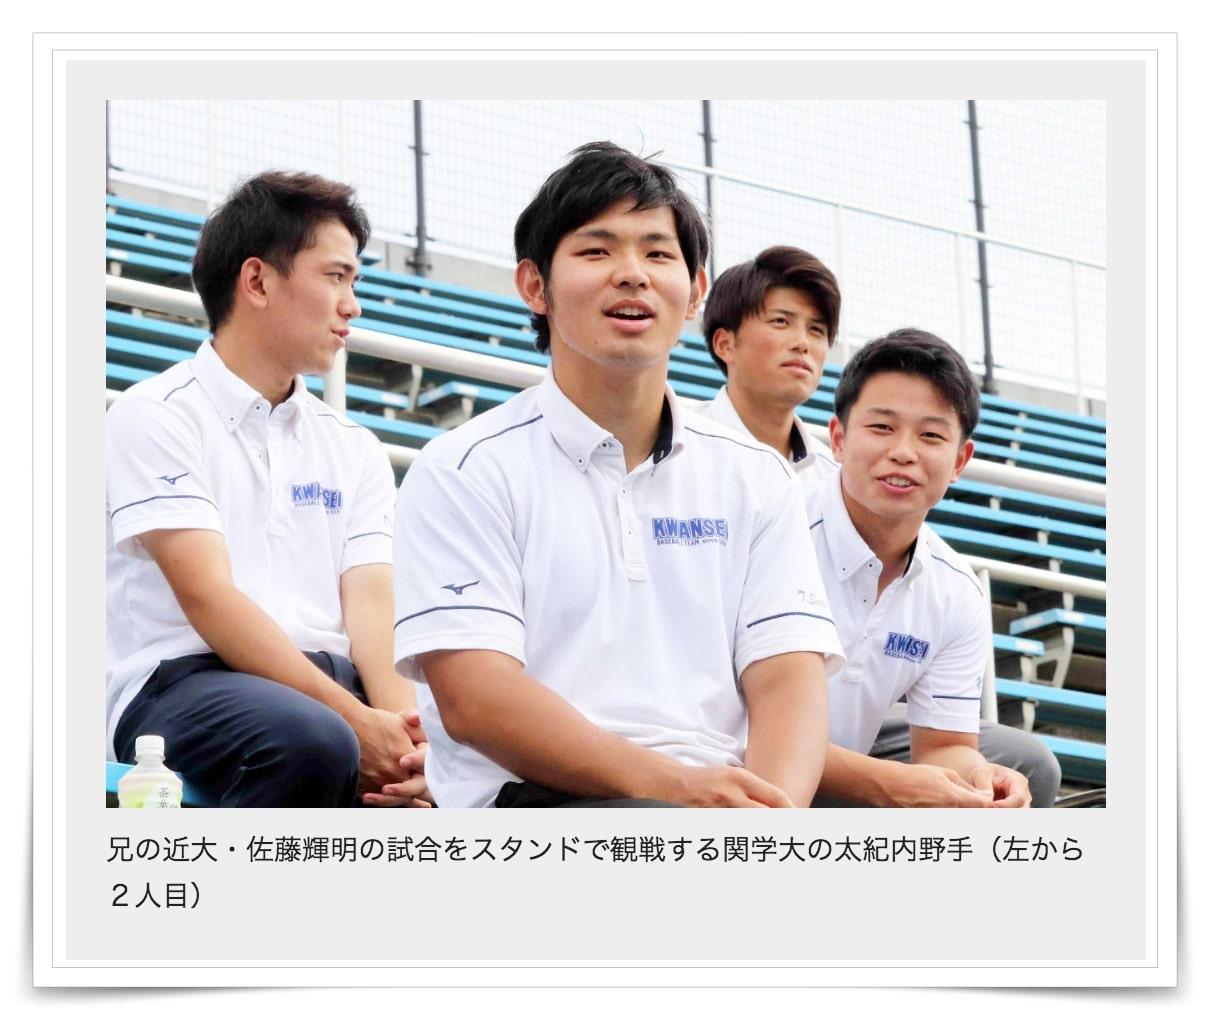 佐藤輝明の弟の画像